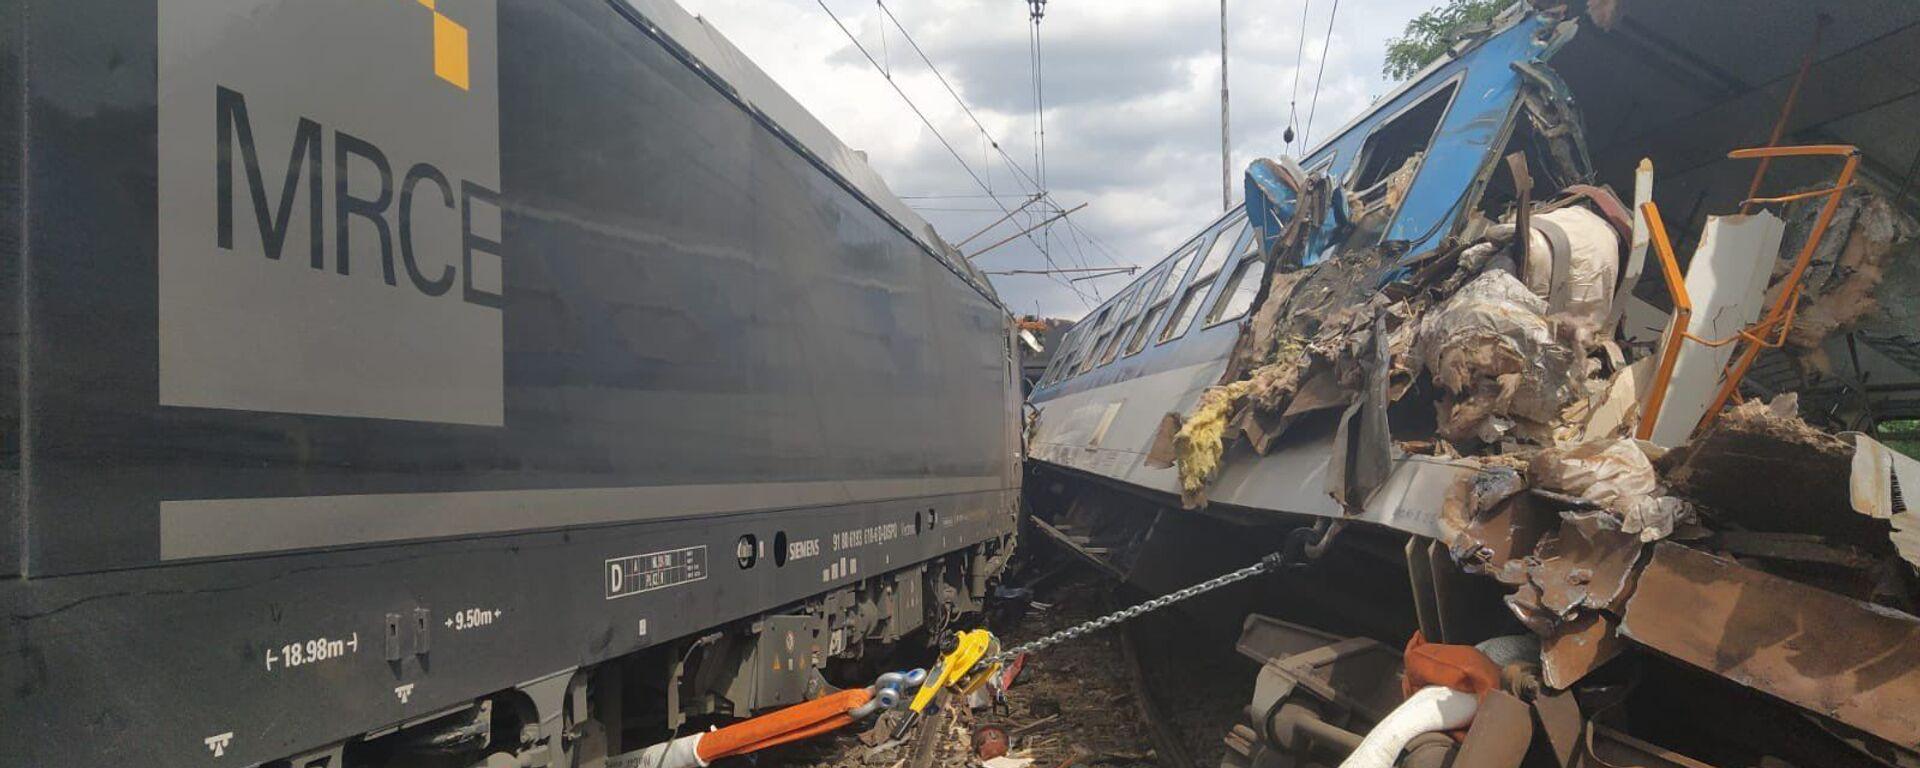 V Němčicích nad Hanou na Prostějovsku se srazila lokomotiva s osobním vlakem. - Sputnik Česká republika, 1920, 31.07.2021